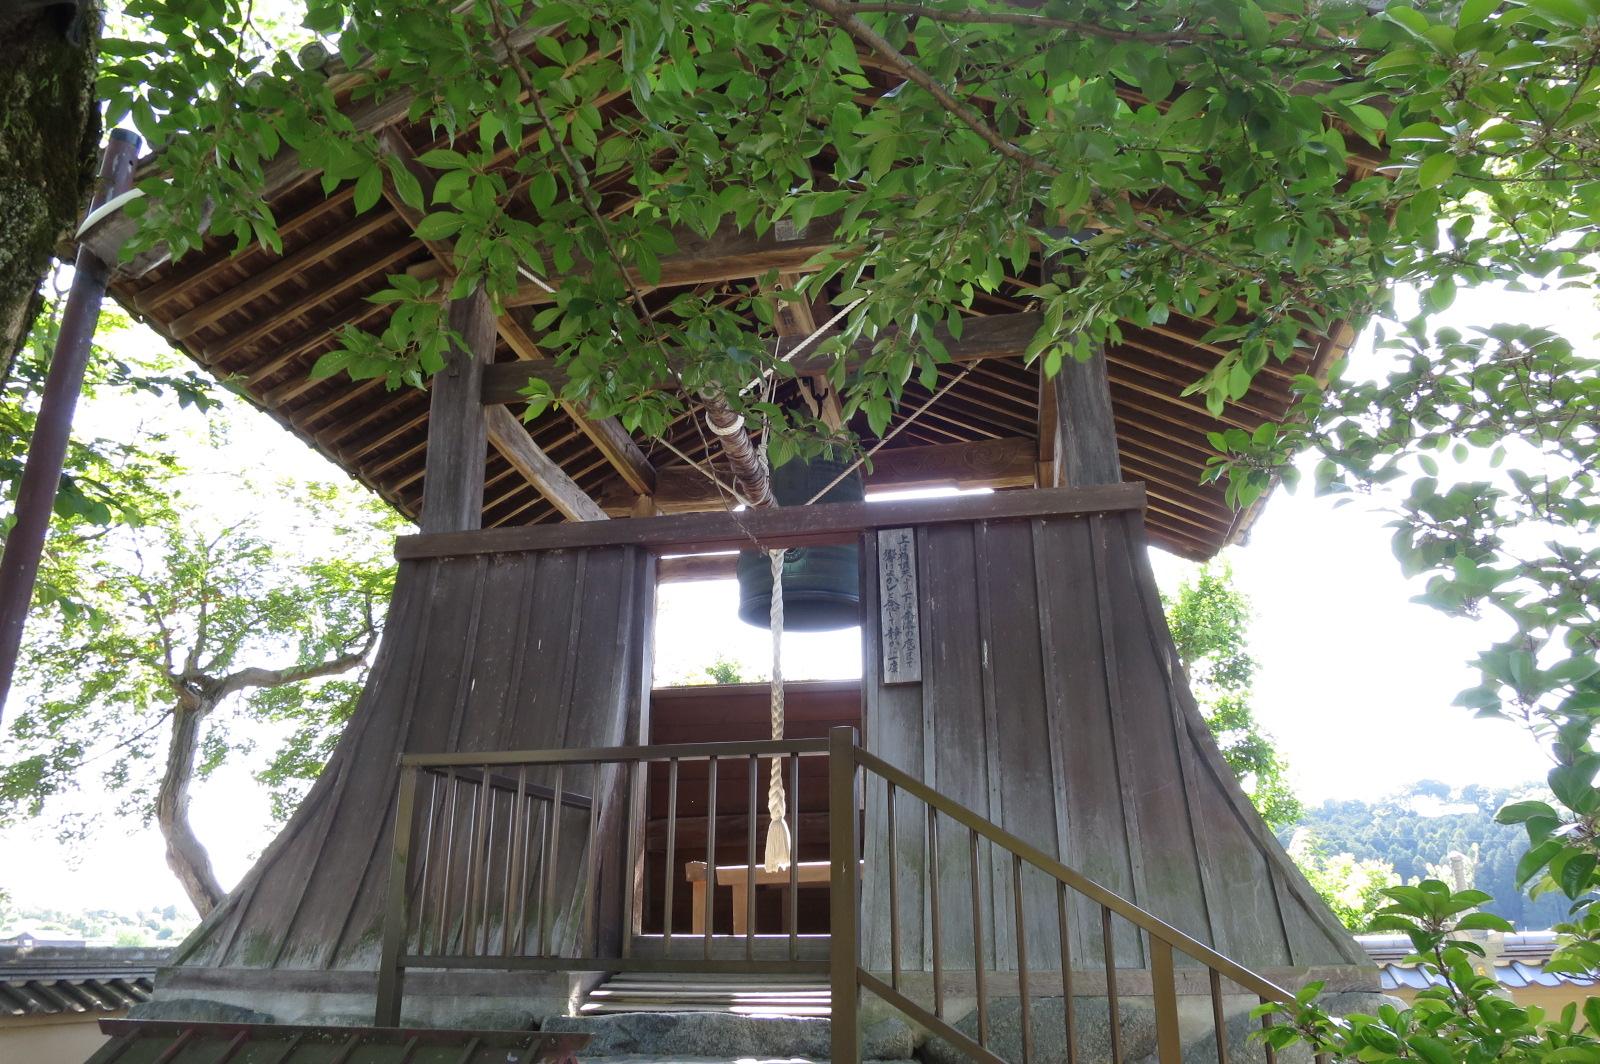 昭和に鋳造された鐘楼。鐘は自由に撞くことができます。